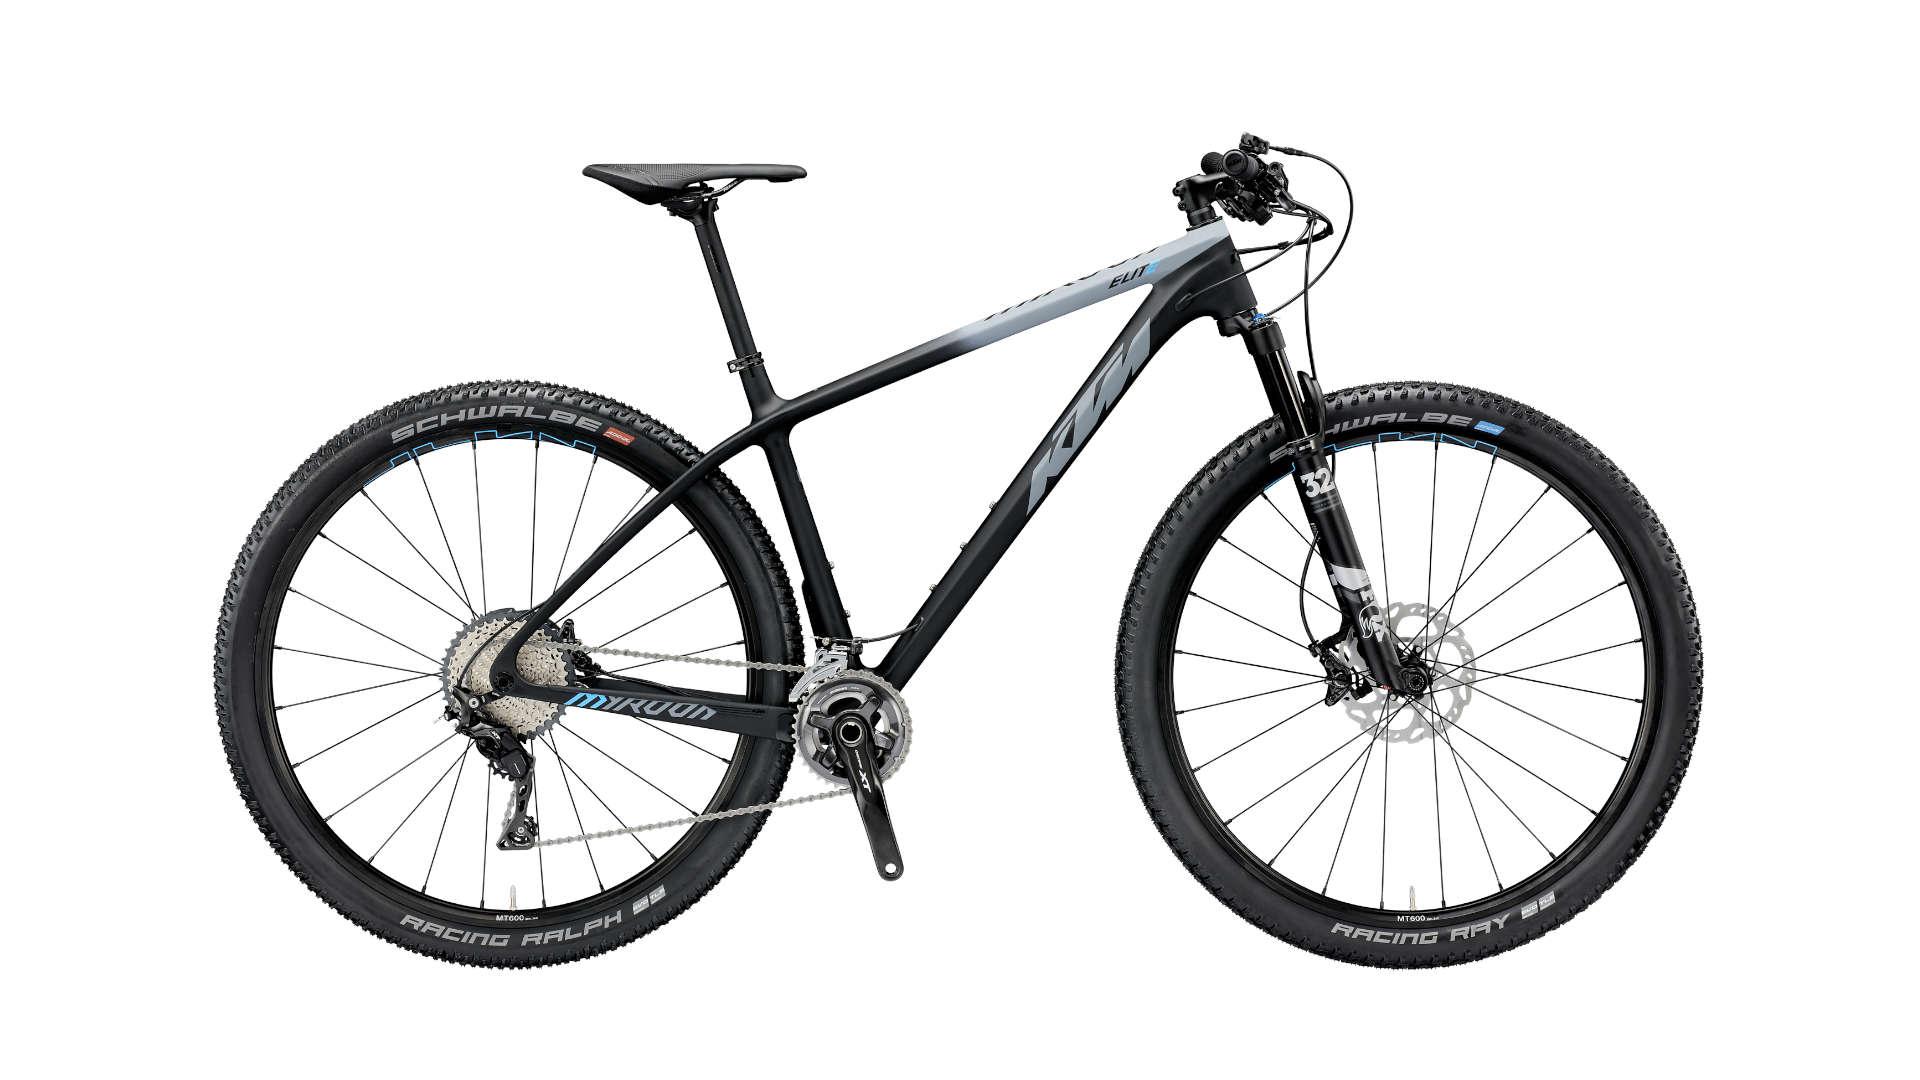 Fahrradtypen und Einsatzarten | Radshop Obersberger